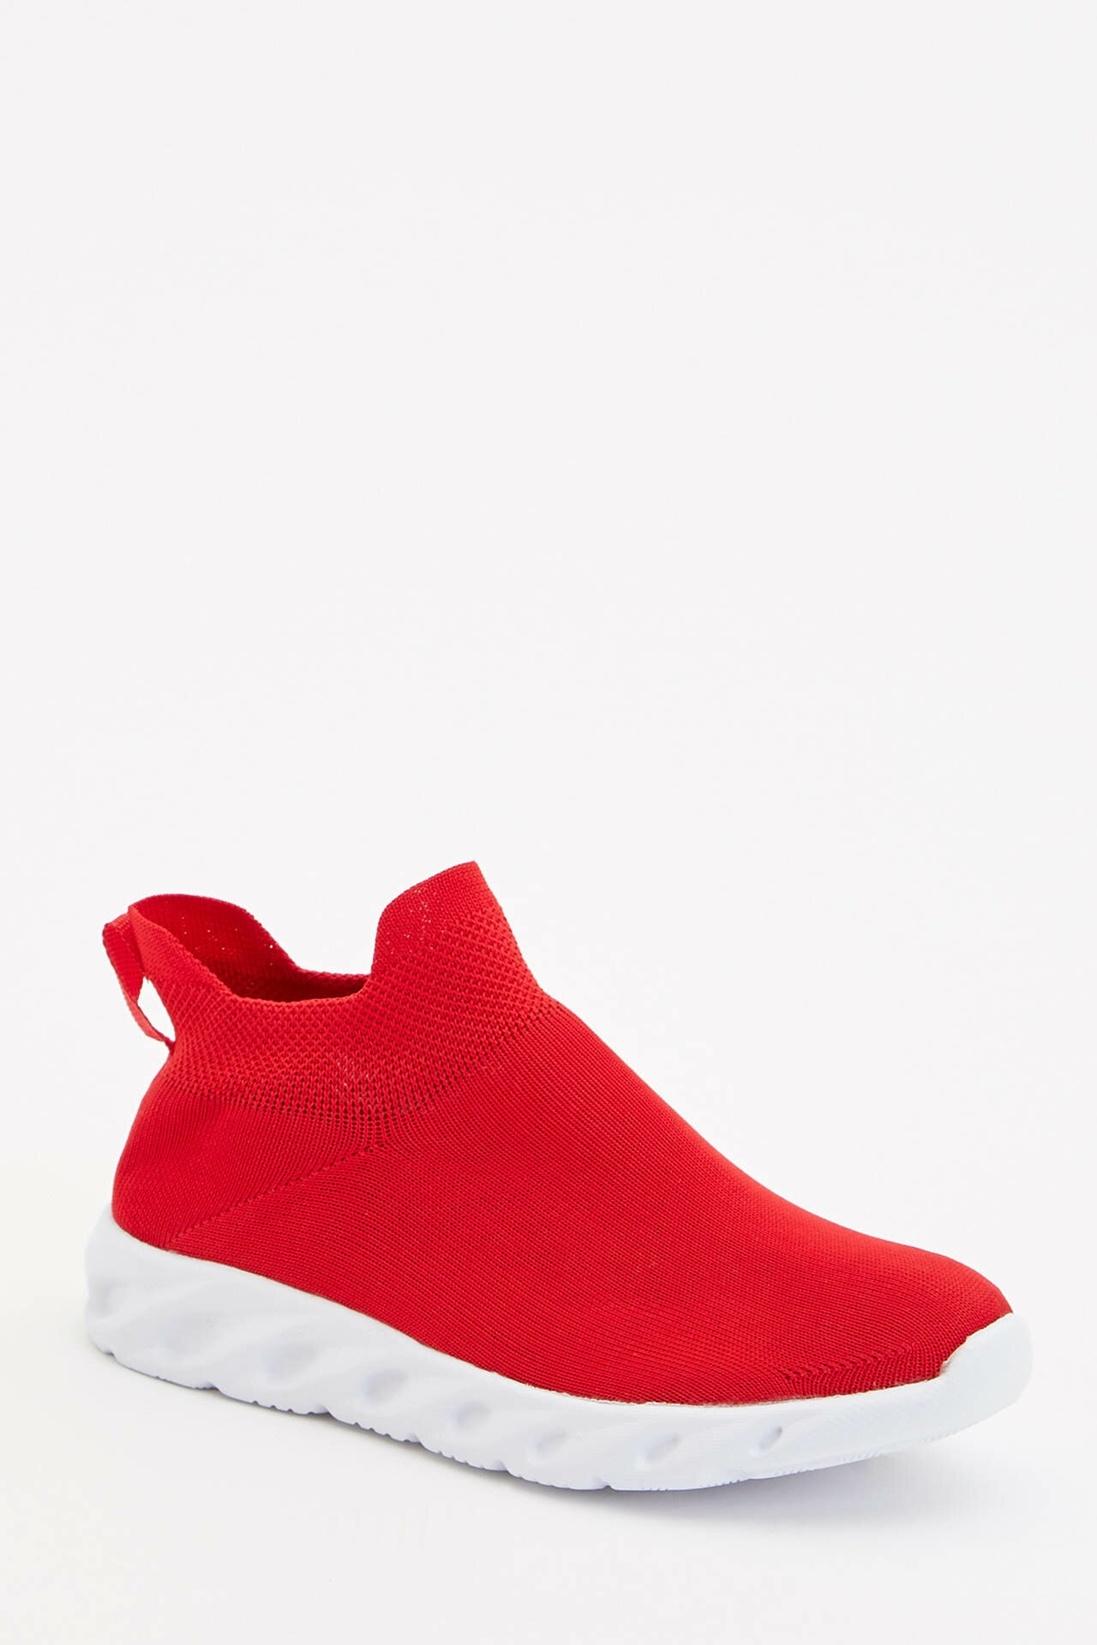 Kadın DeFacto Çorap Model Spor Ayakkabı